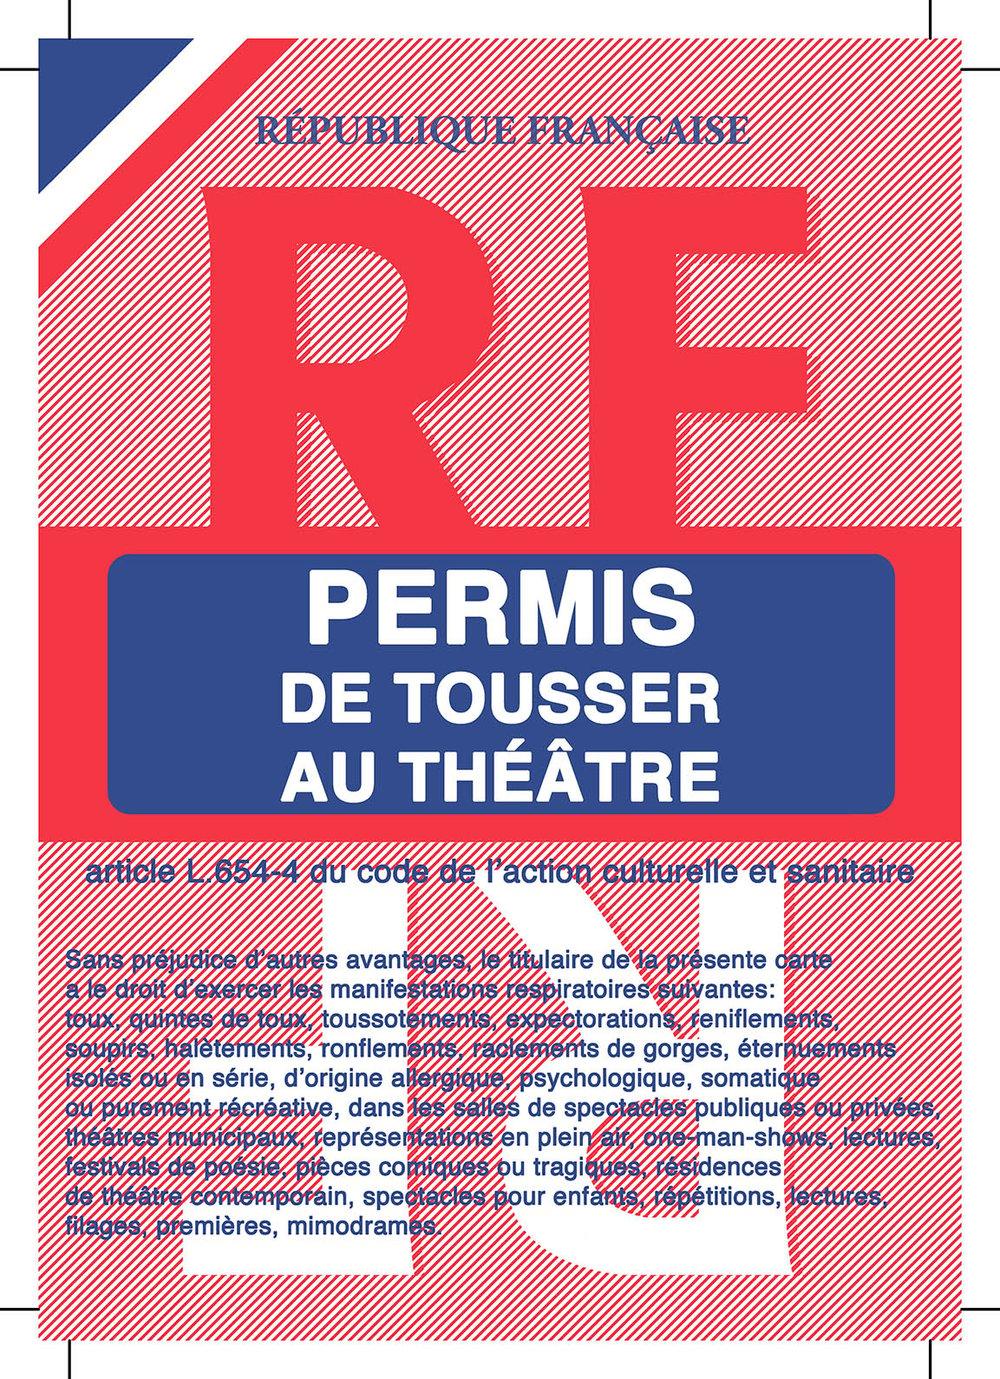 Image of Permis de tousser au théâtre